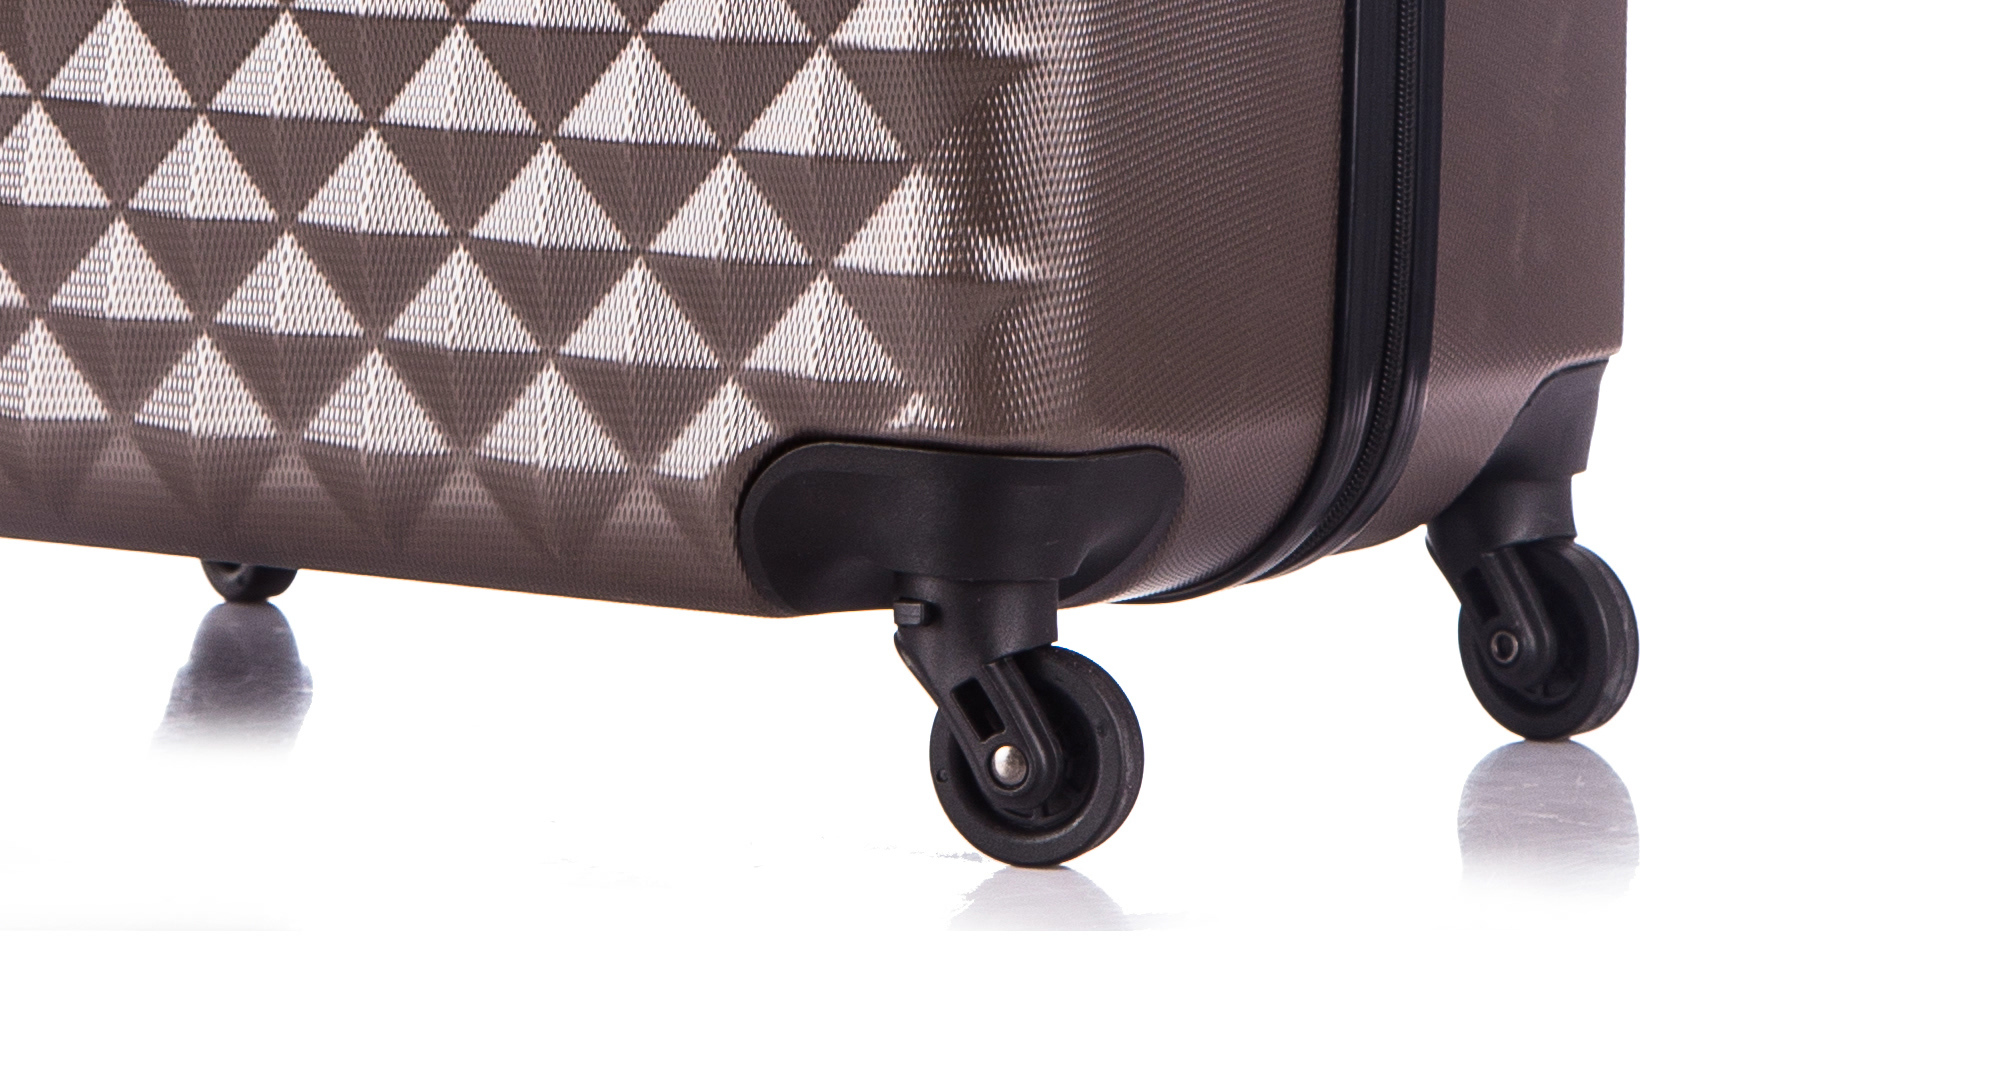 Чемодан со съемными колесами L'case Phatthaya-24 Кофейный (M)